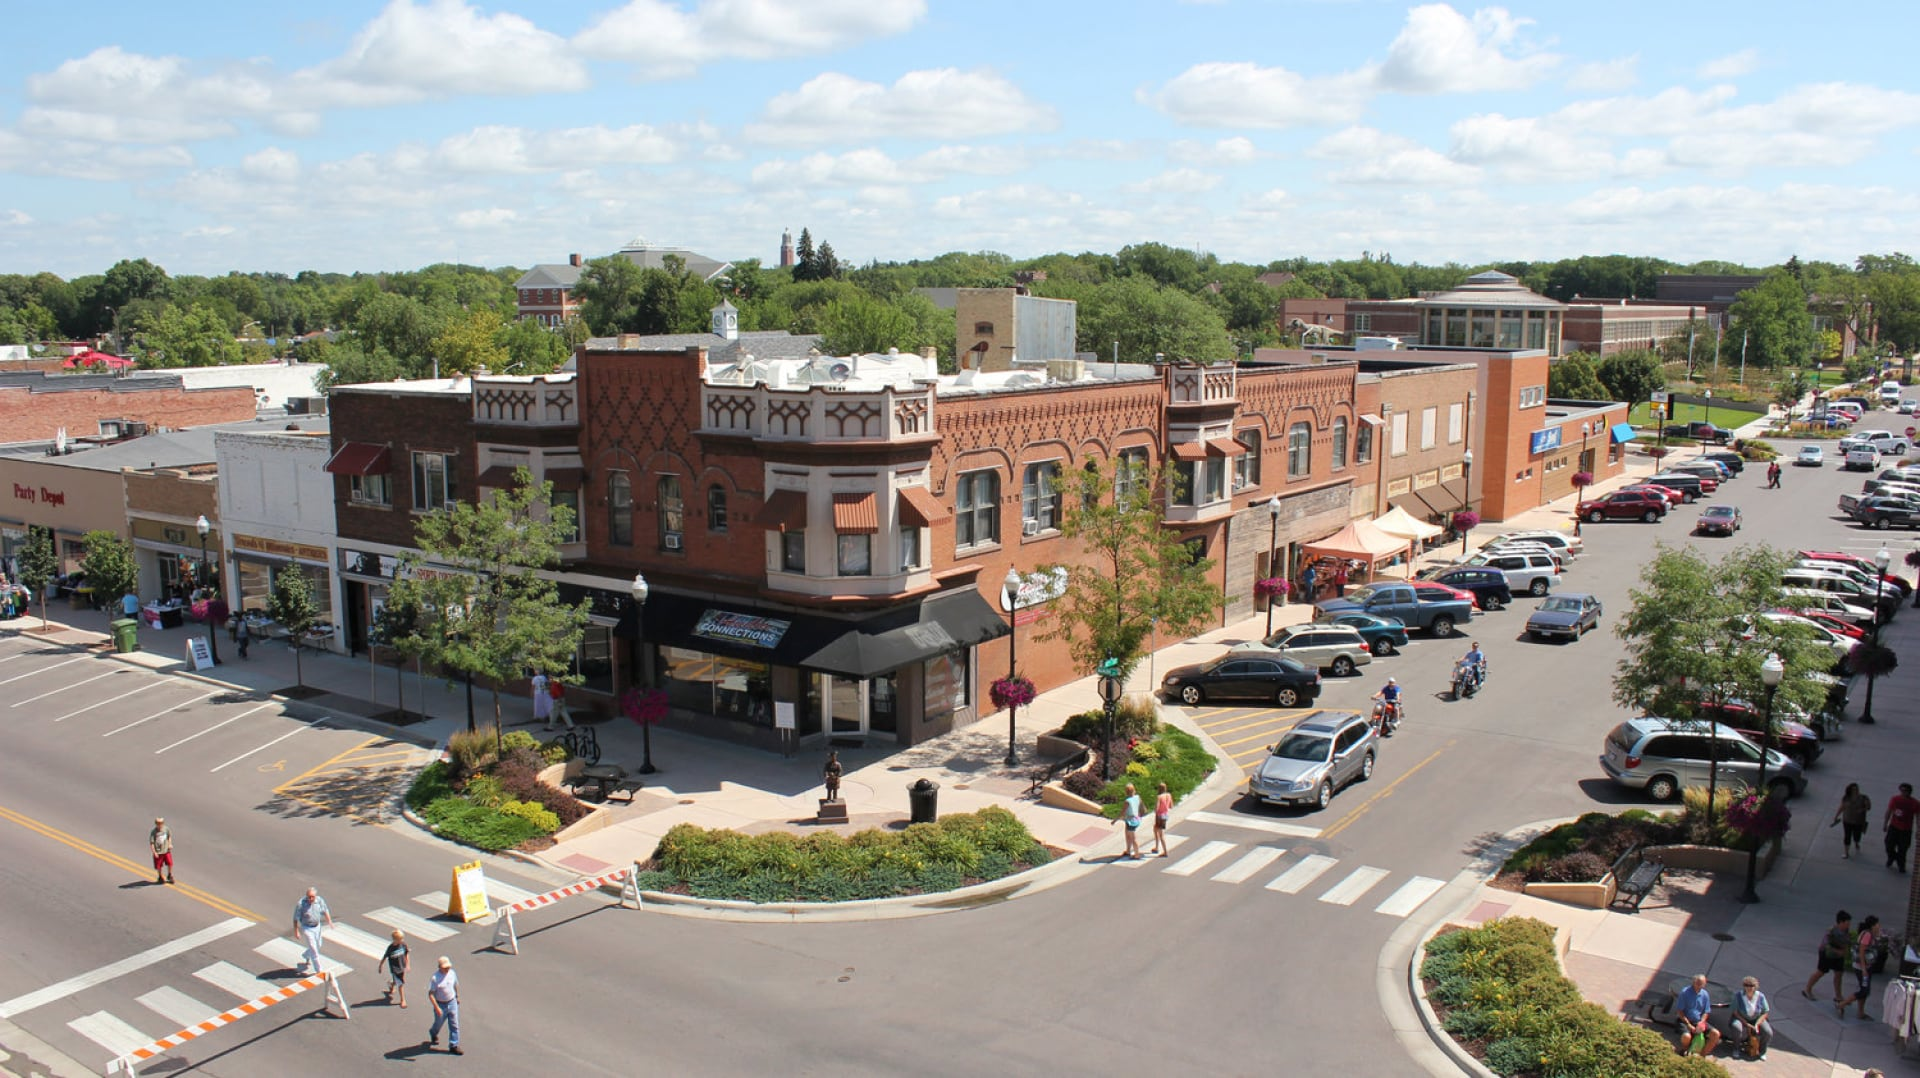 Downtown Brookings